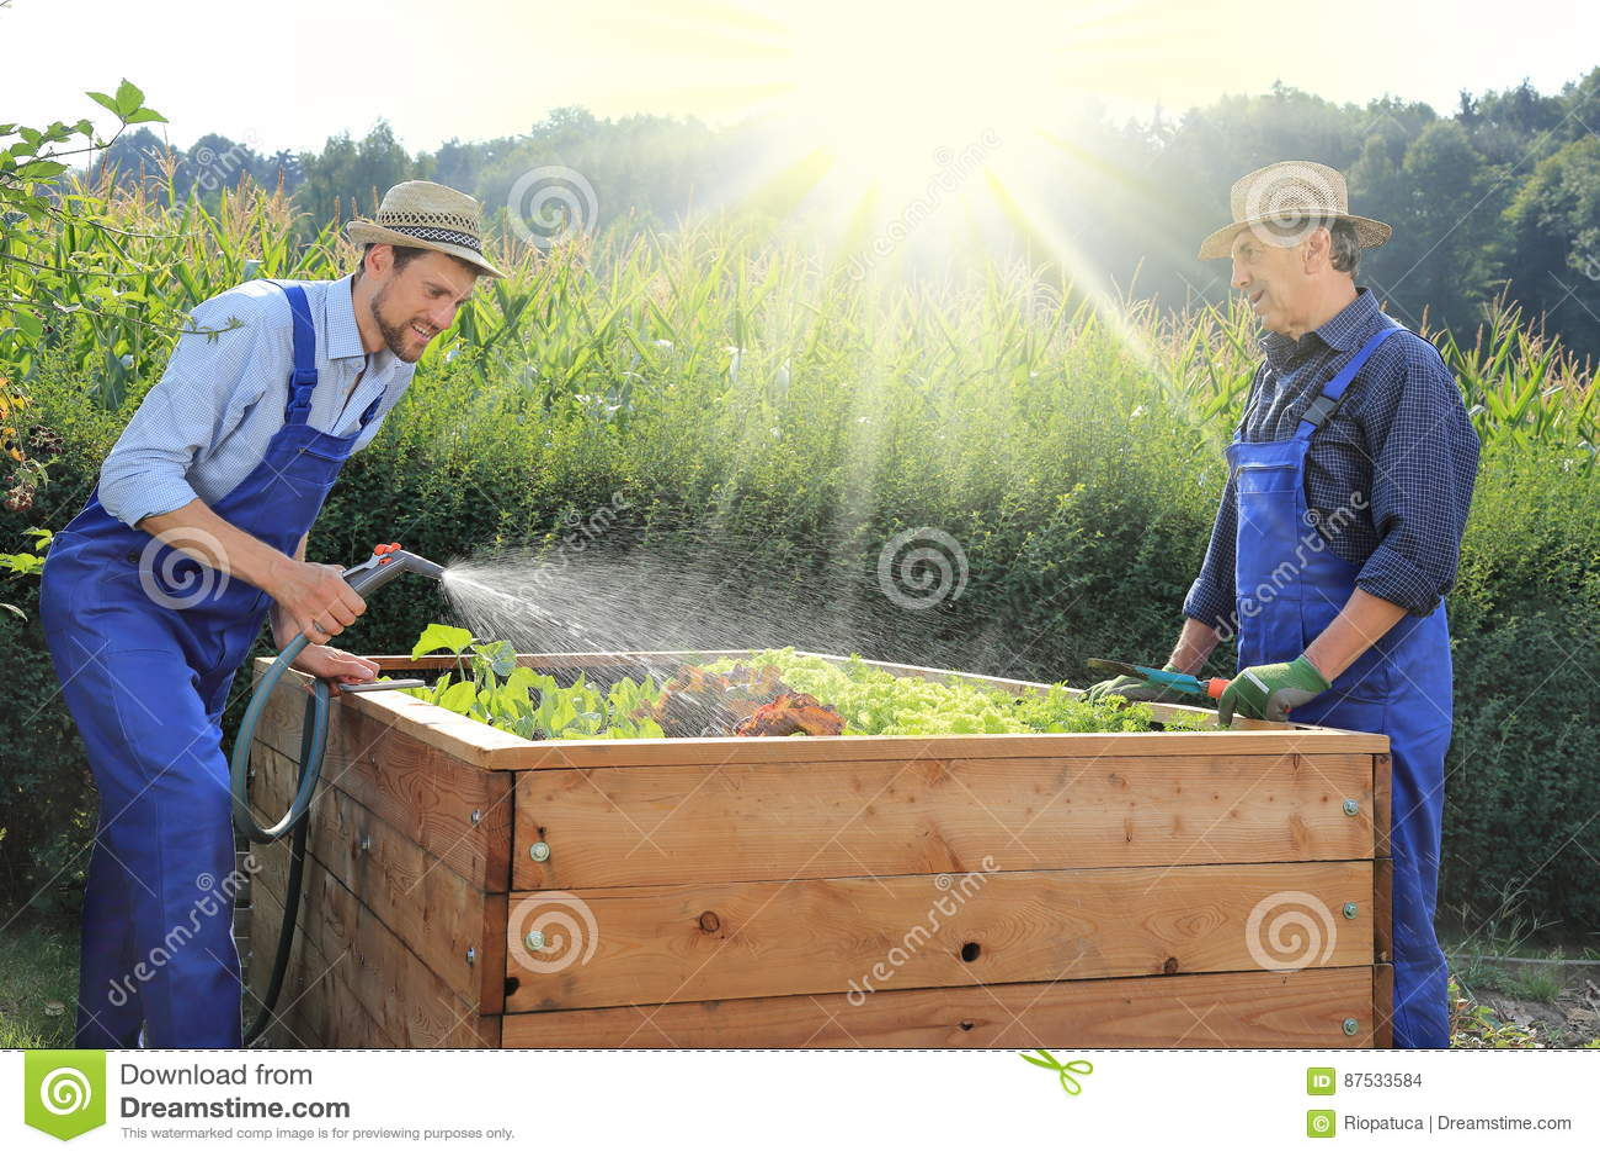 Vater und sohn die auf einem angehobenen pflanzenden bett for Garten arbeiten